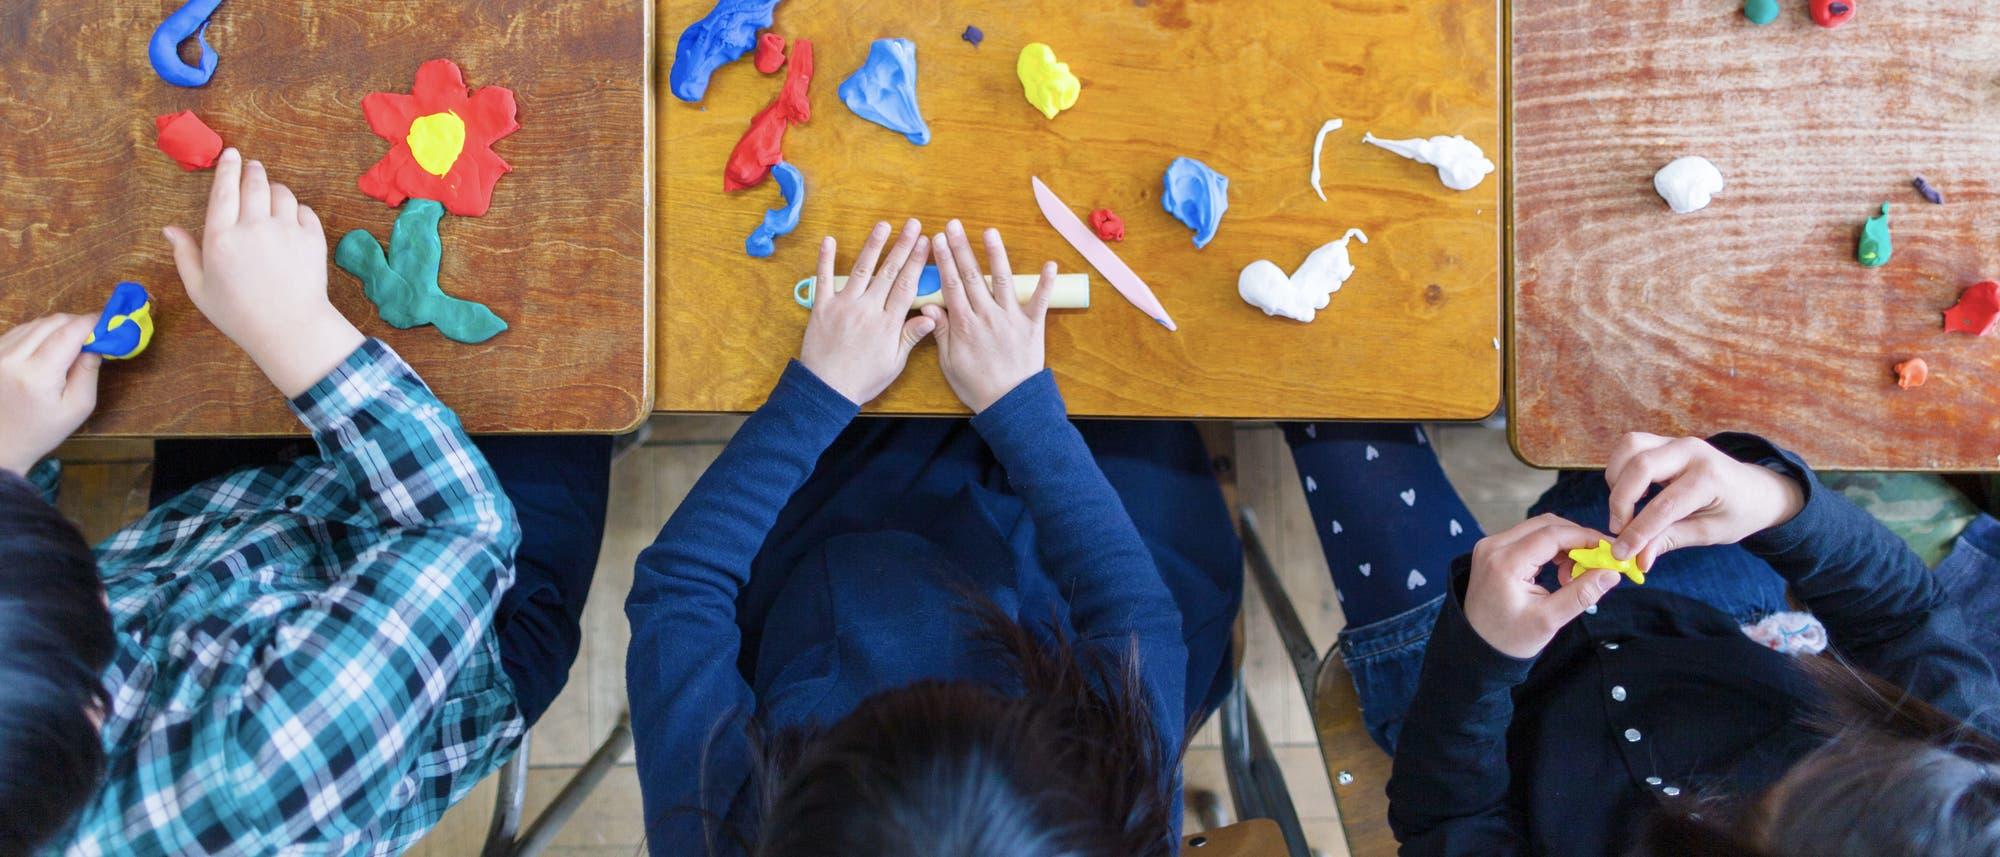 Kinder spielen im Kindergarten mit Knete.